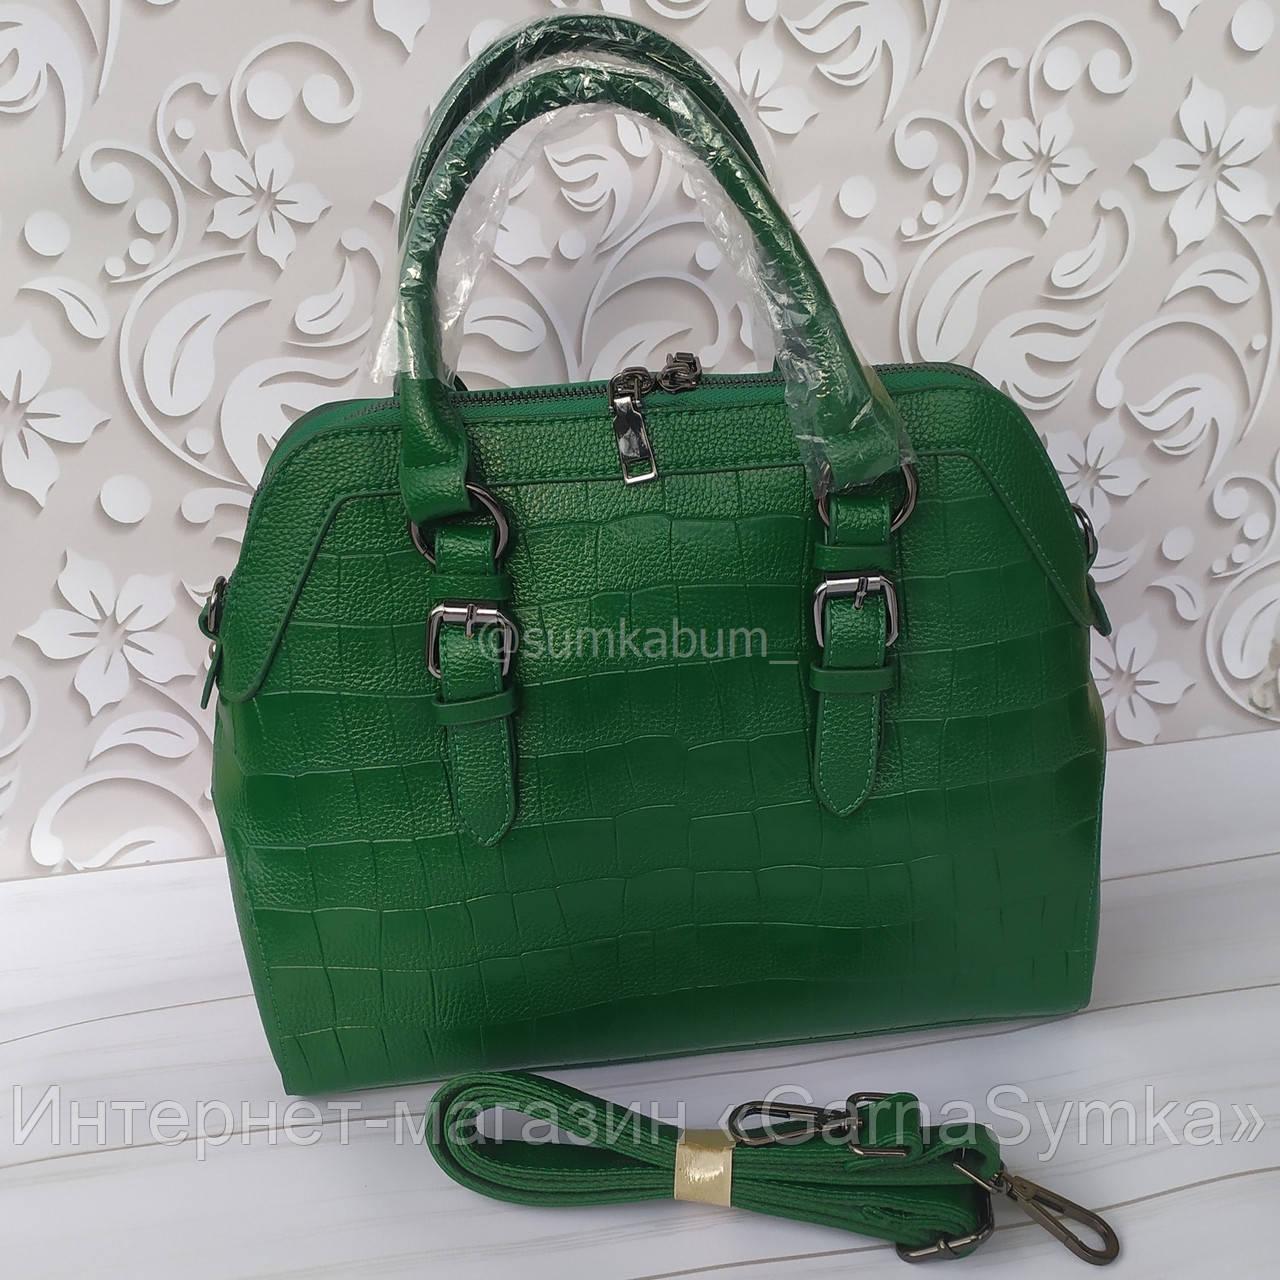 Вместительная кожаная сумка отличного качества